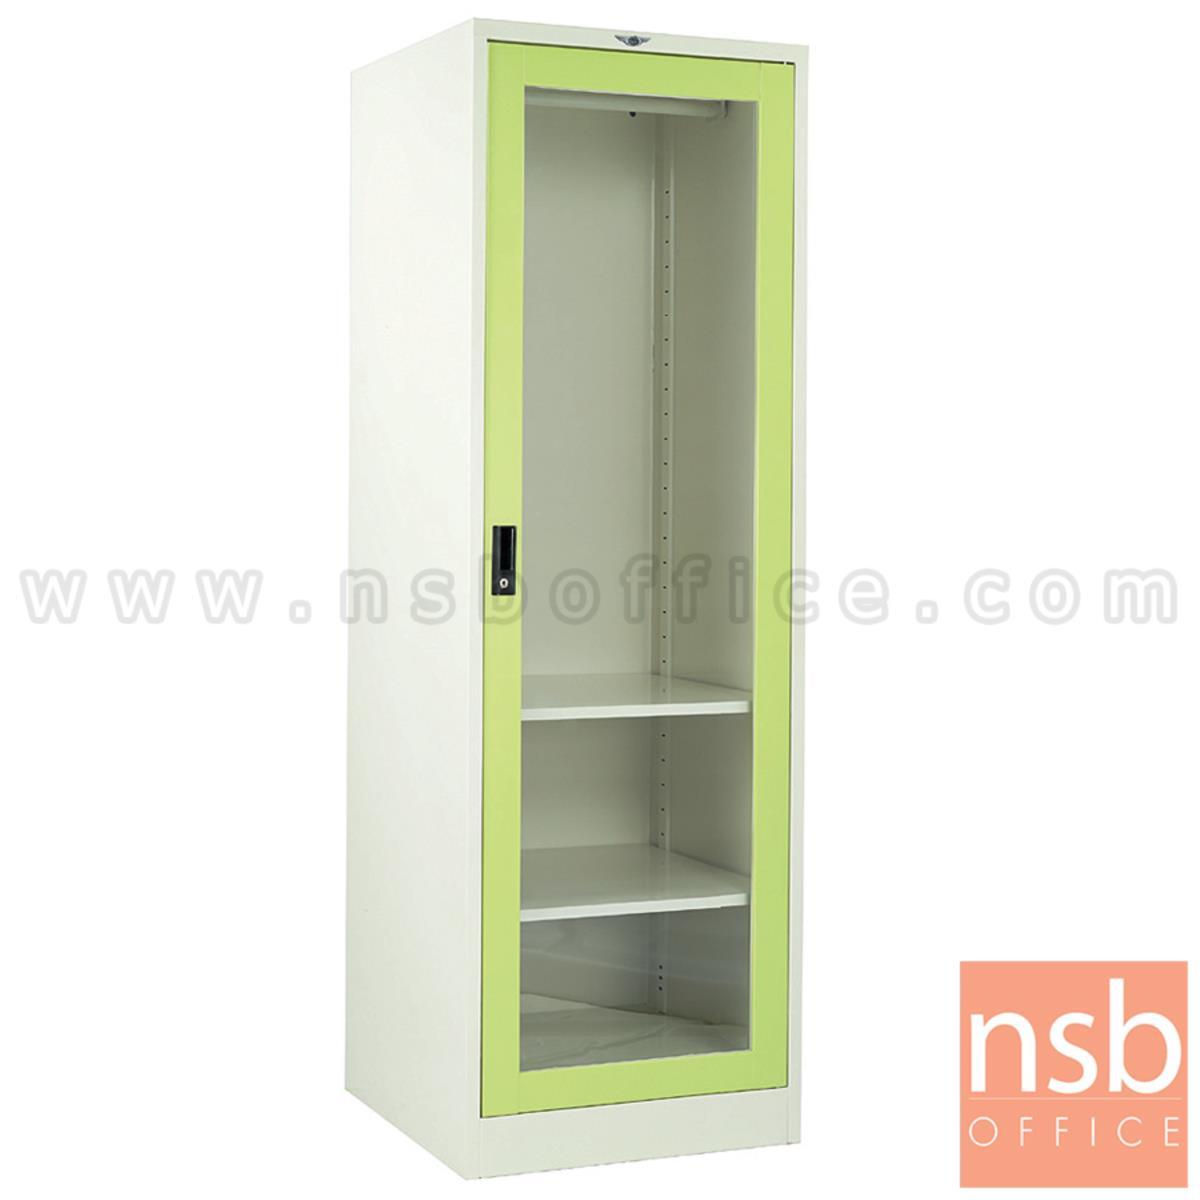 E08A063:ตู้เสื้อผ้าเหล็ก 1 บานกระจก ขนาด 60W cm. รุ่น Blair (แบลร์)